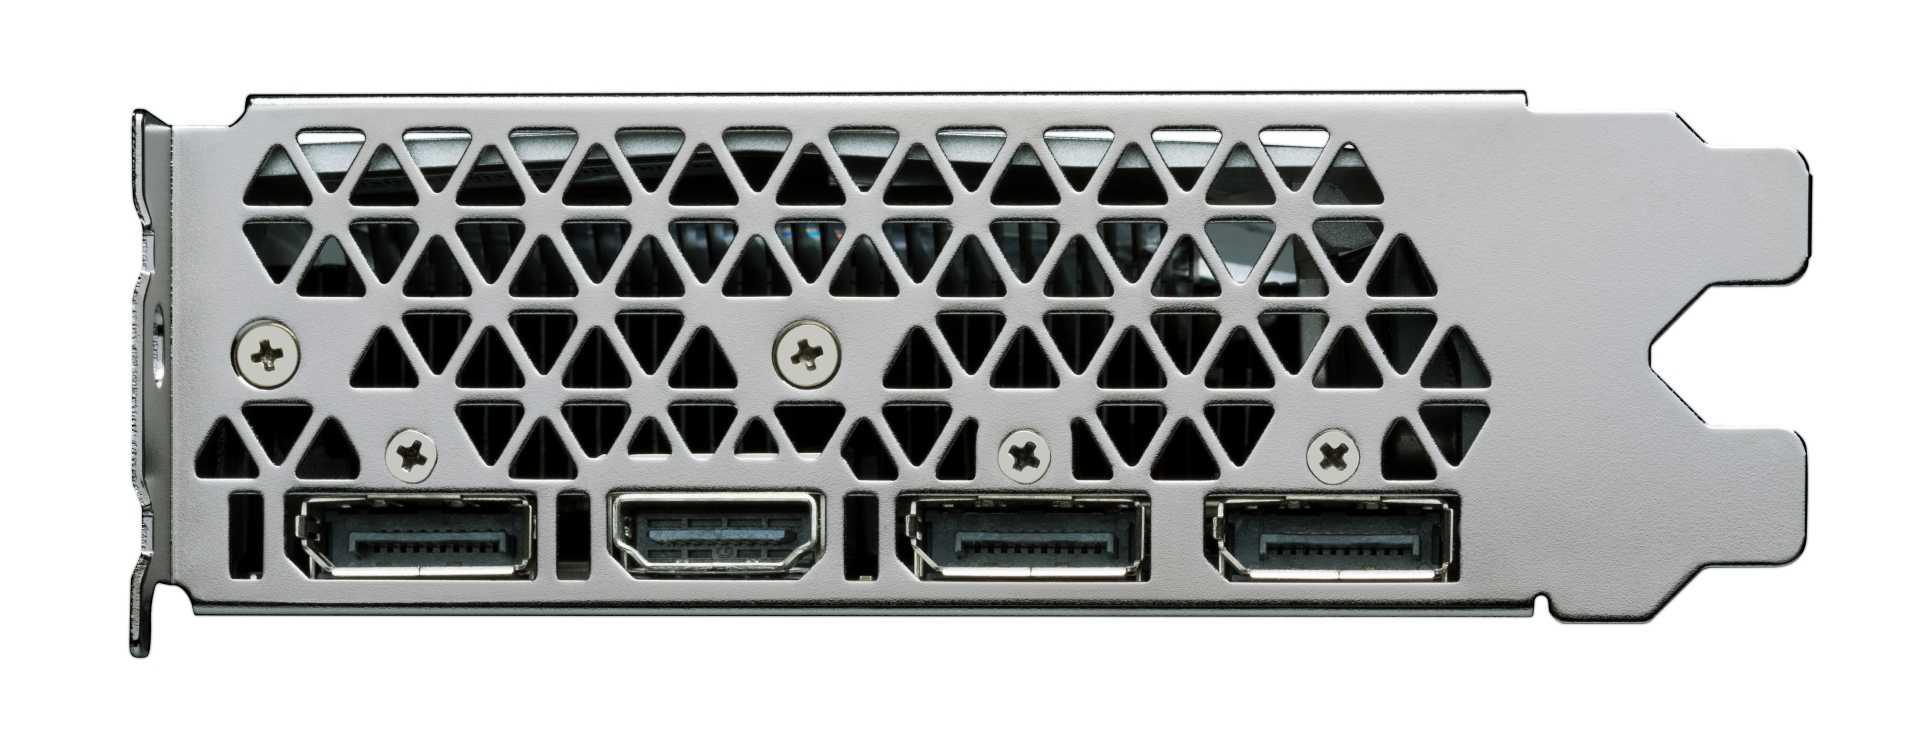 Vier Displays lassen sich über drei DisplayPorts und eine HDMI-Buchse gleichzeitig ansteuern.